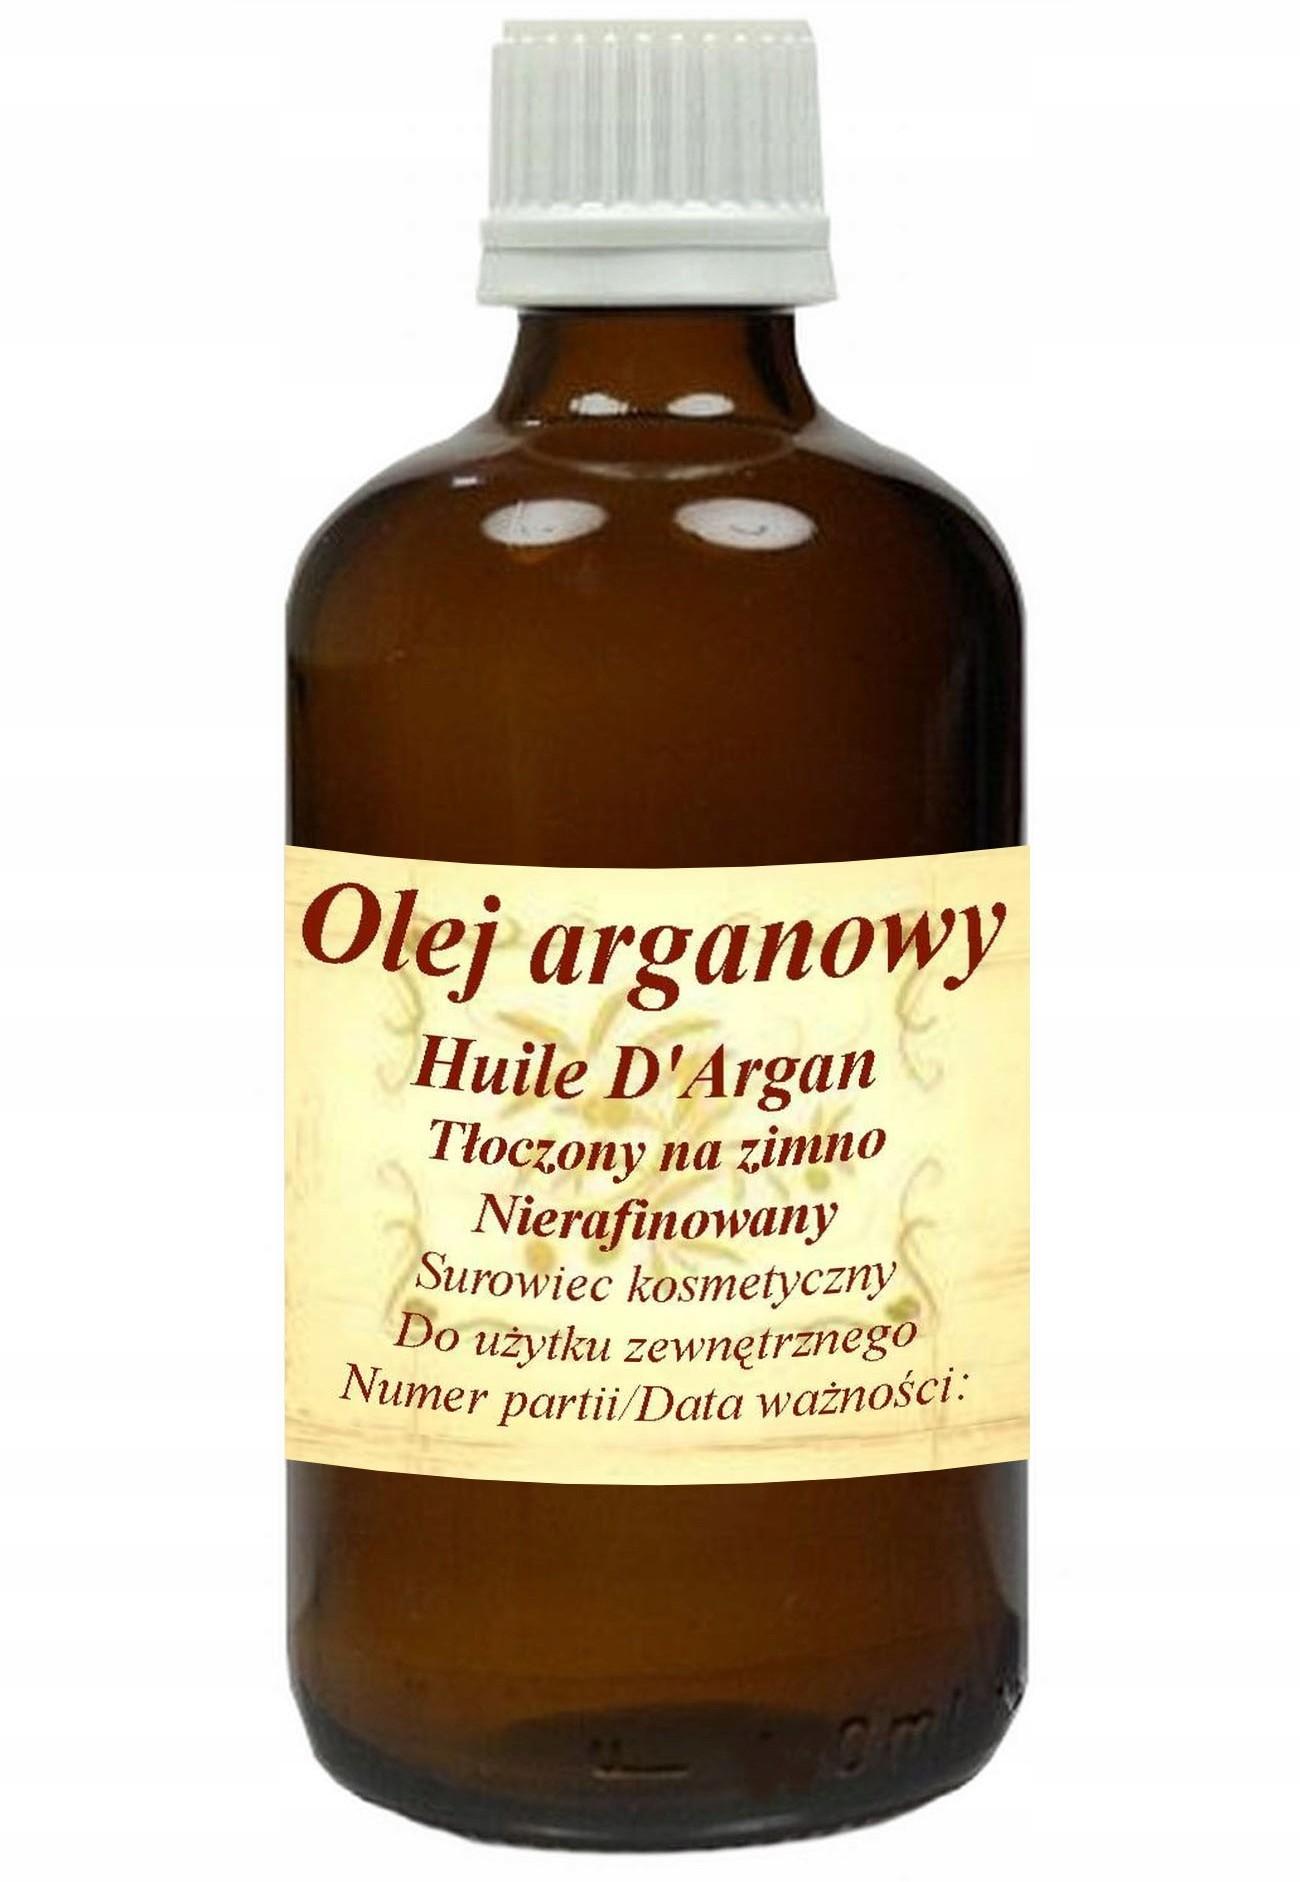 Olej Arganowy 100ml - zimnotłoczony, nierafinowany